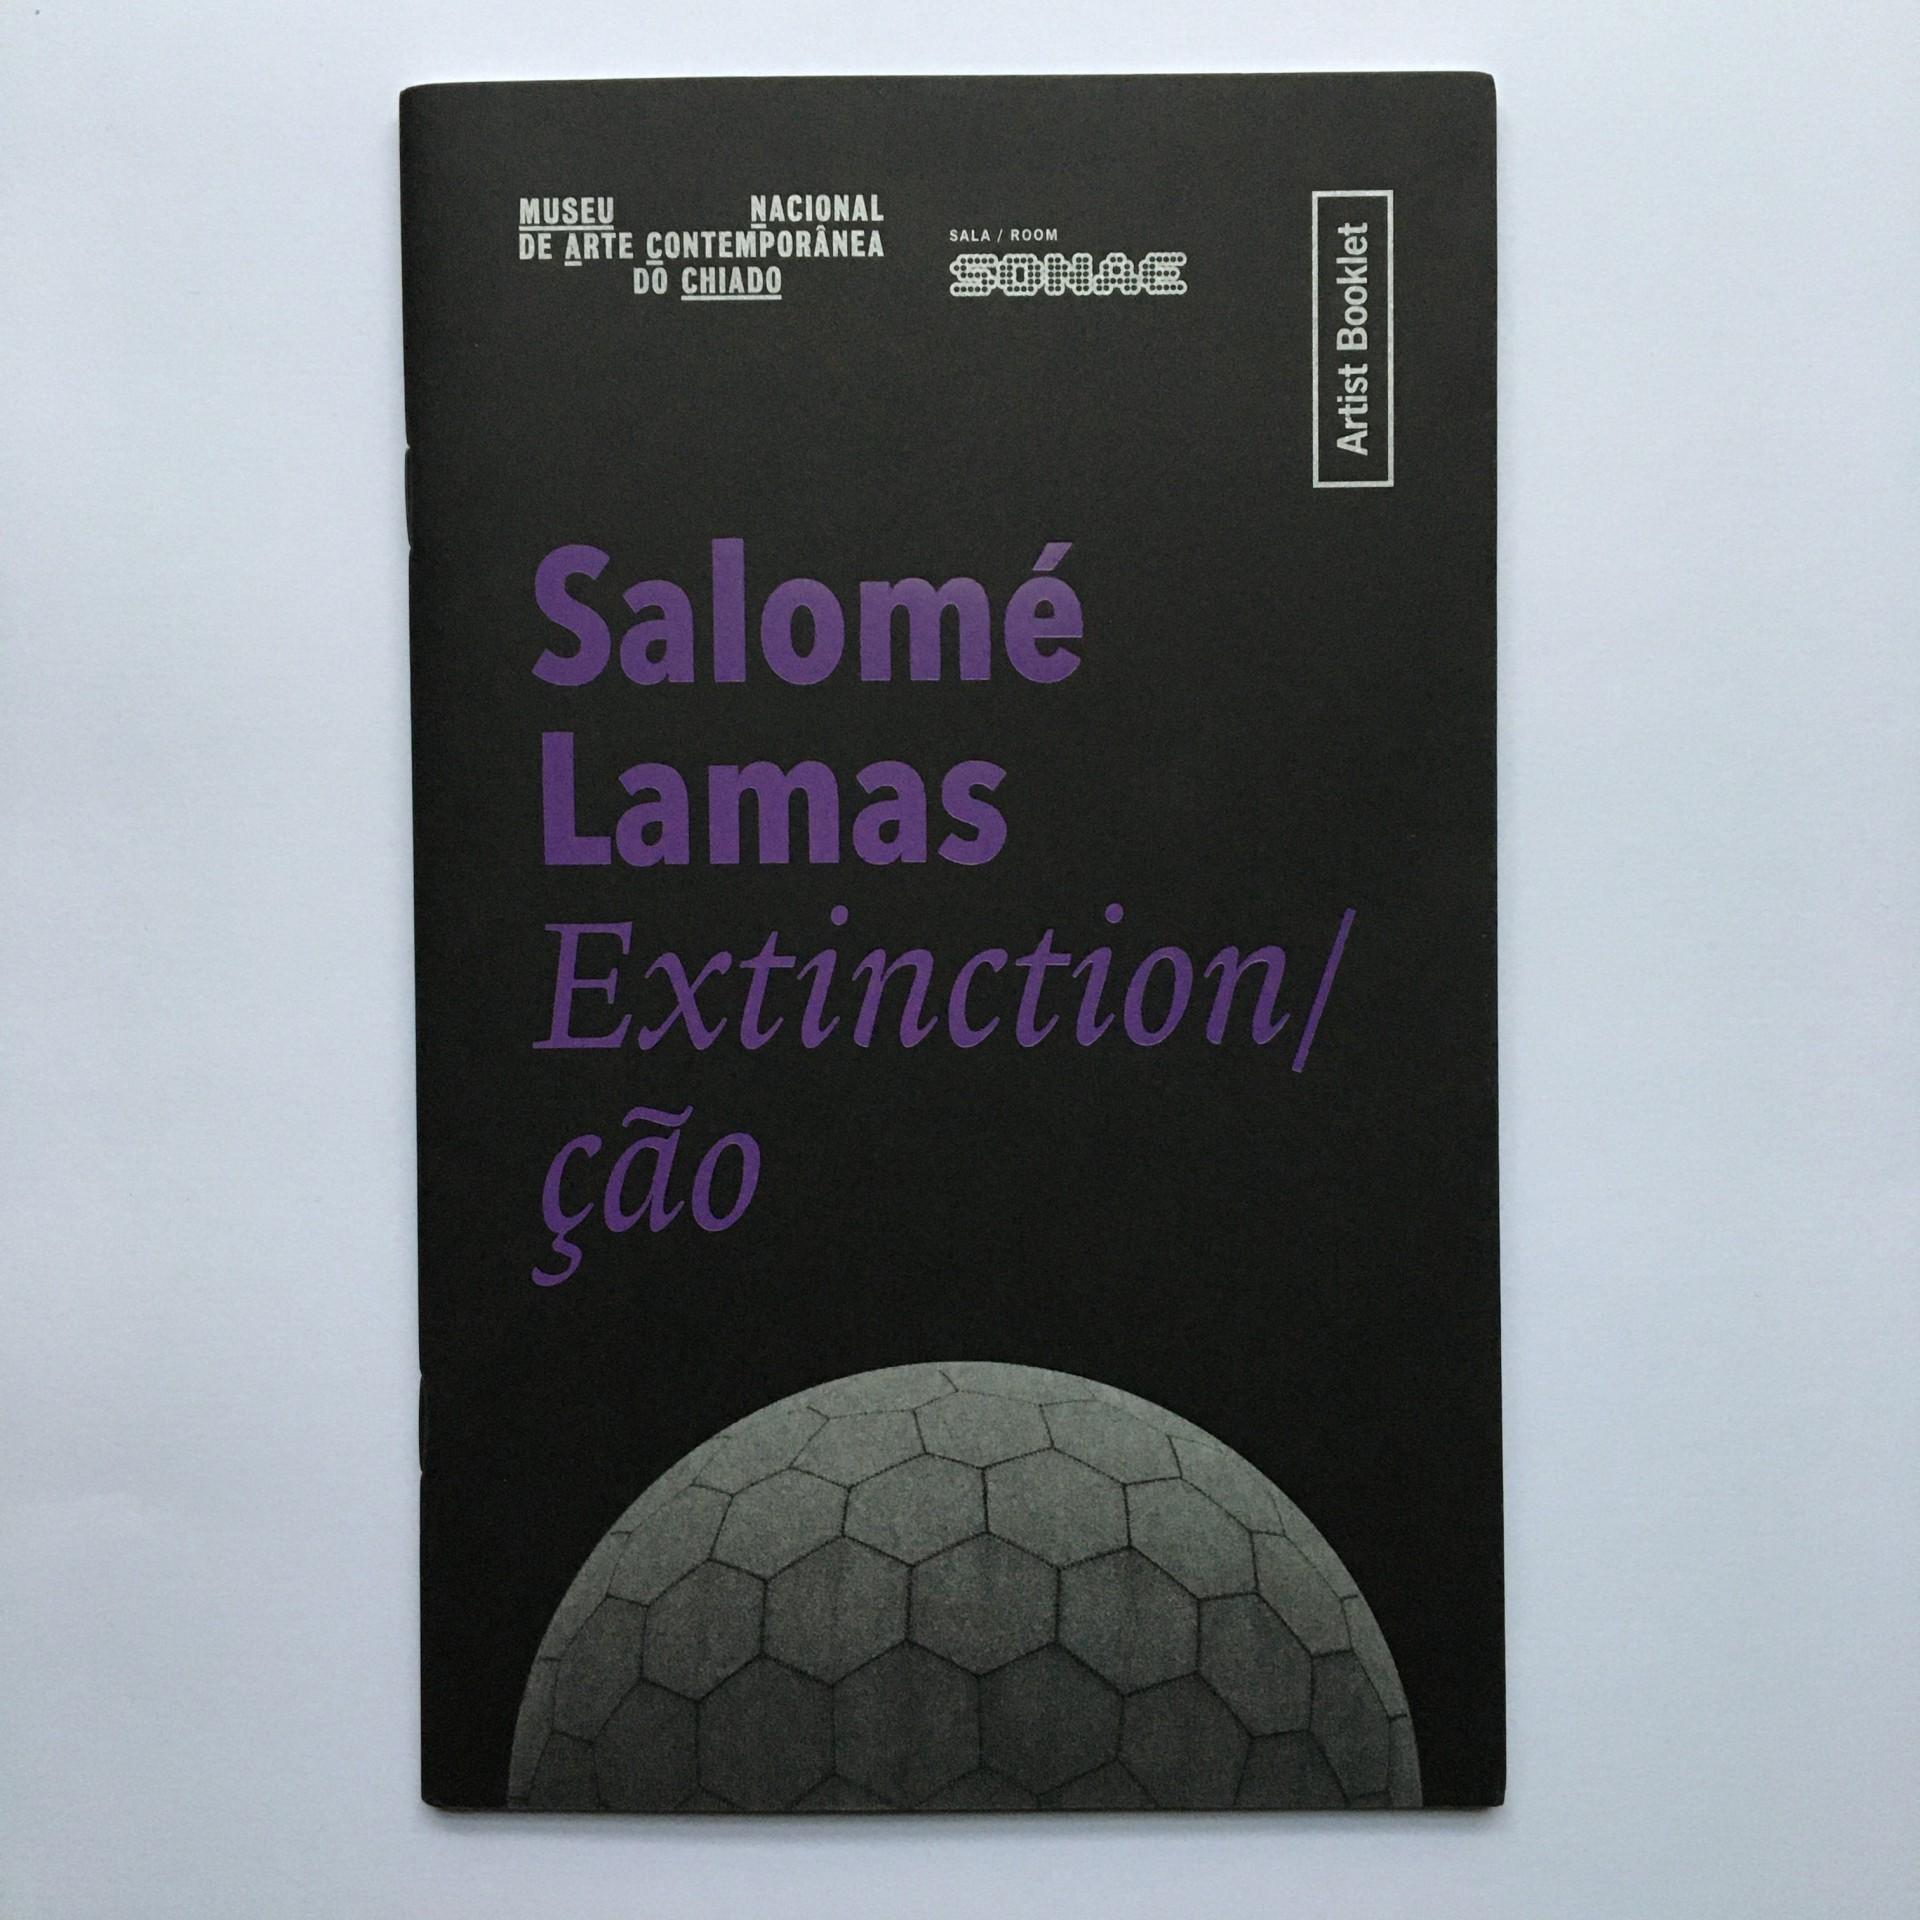 Extinction/ção